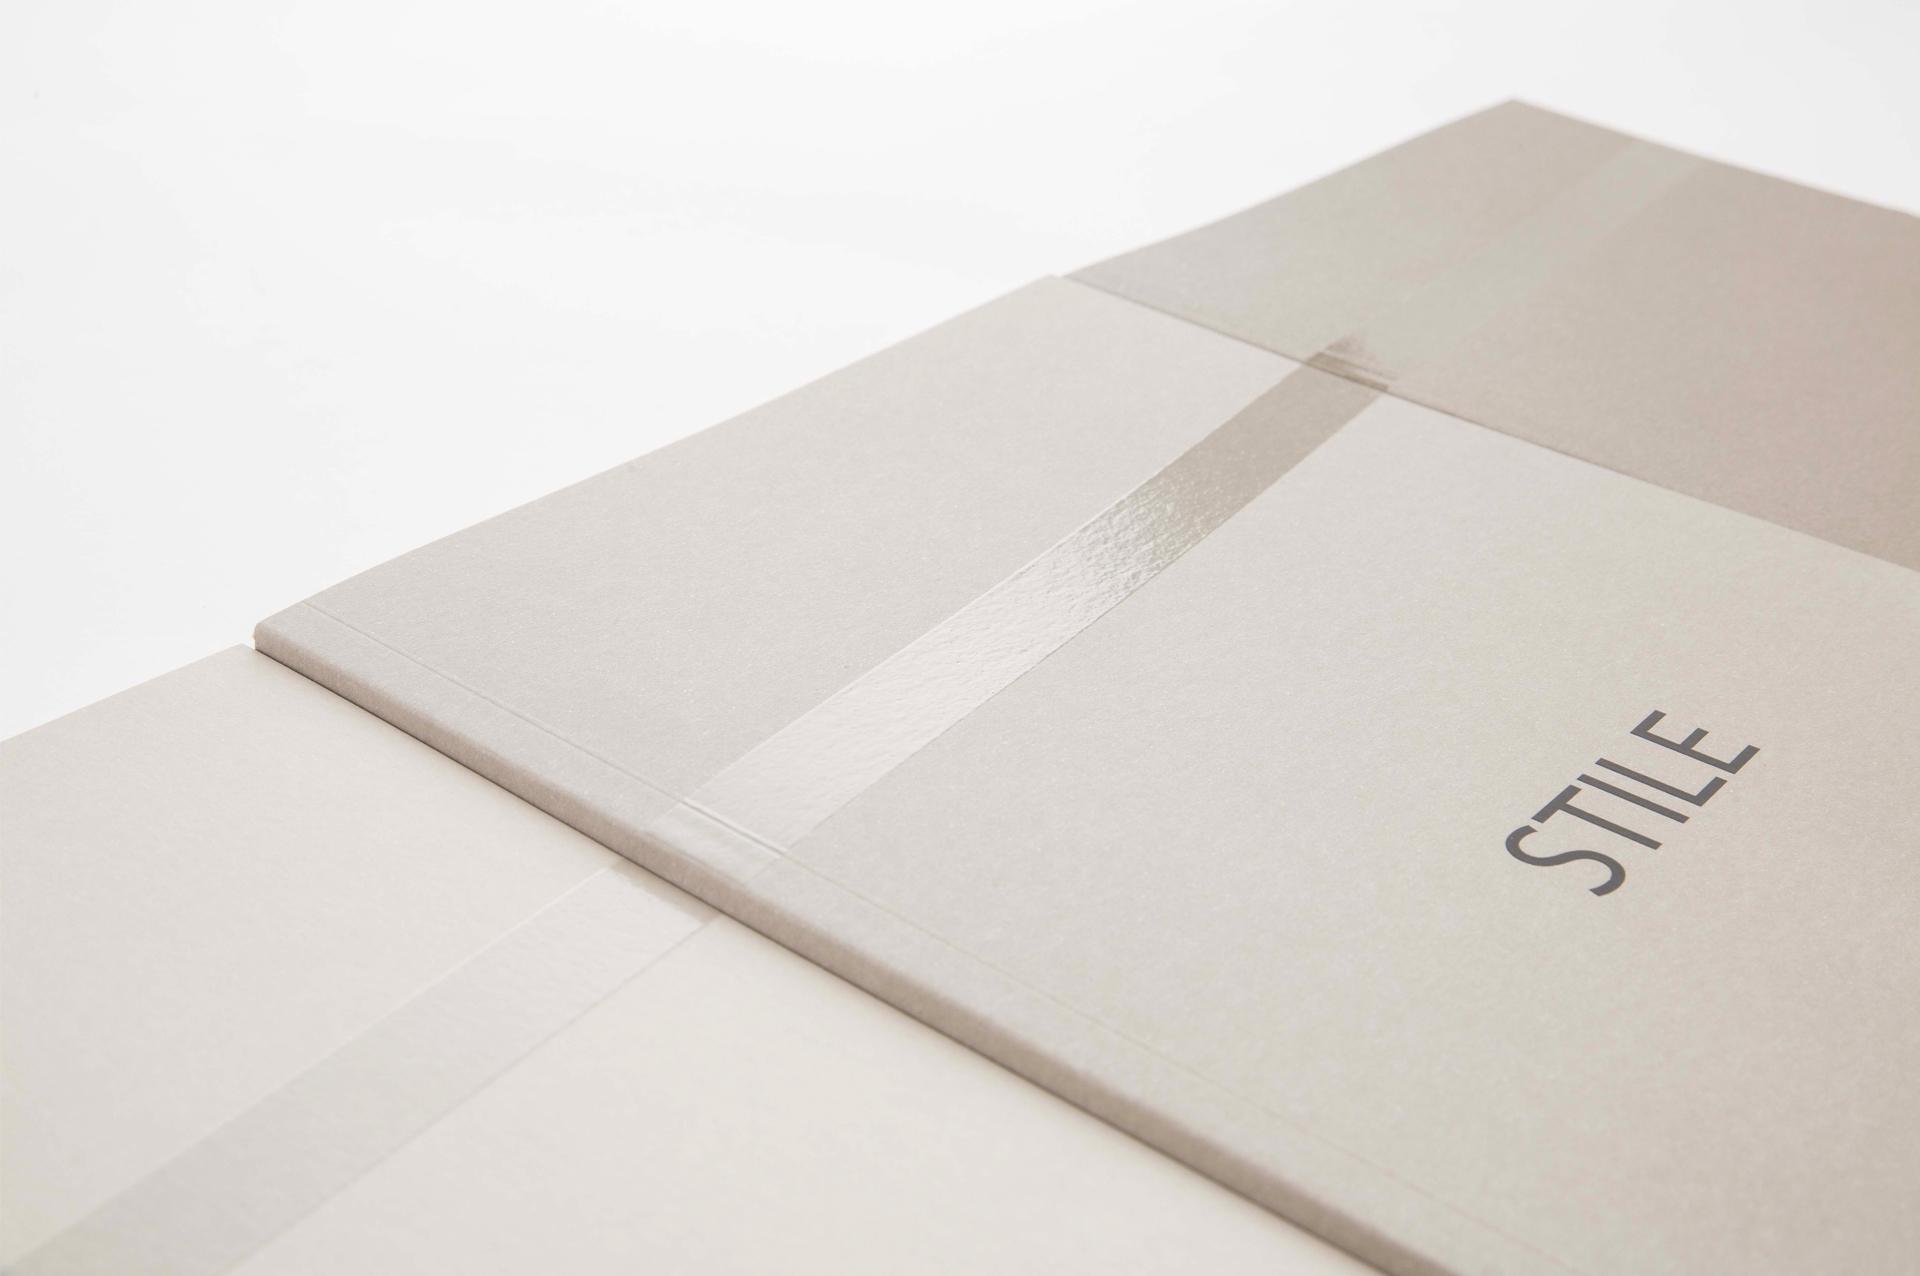 Grafiche-Pioppi_Verso25_MiniBook_004